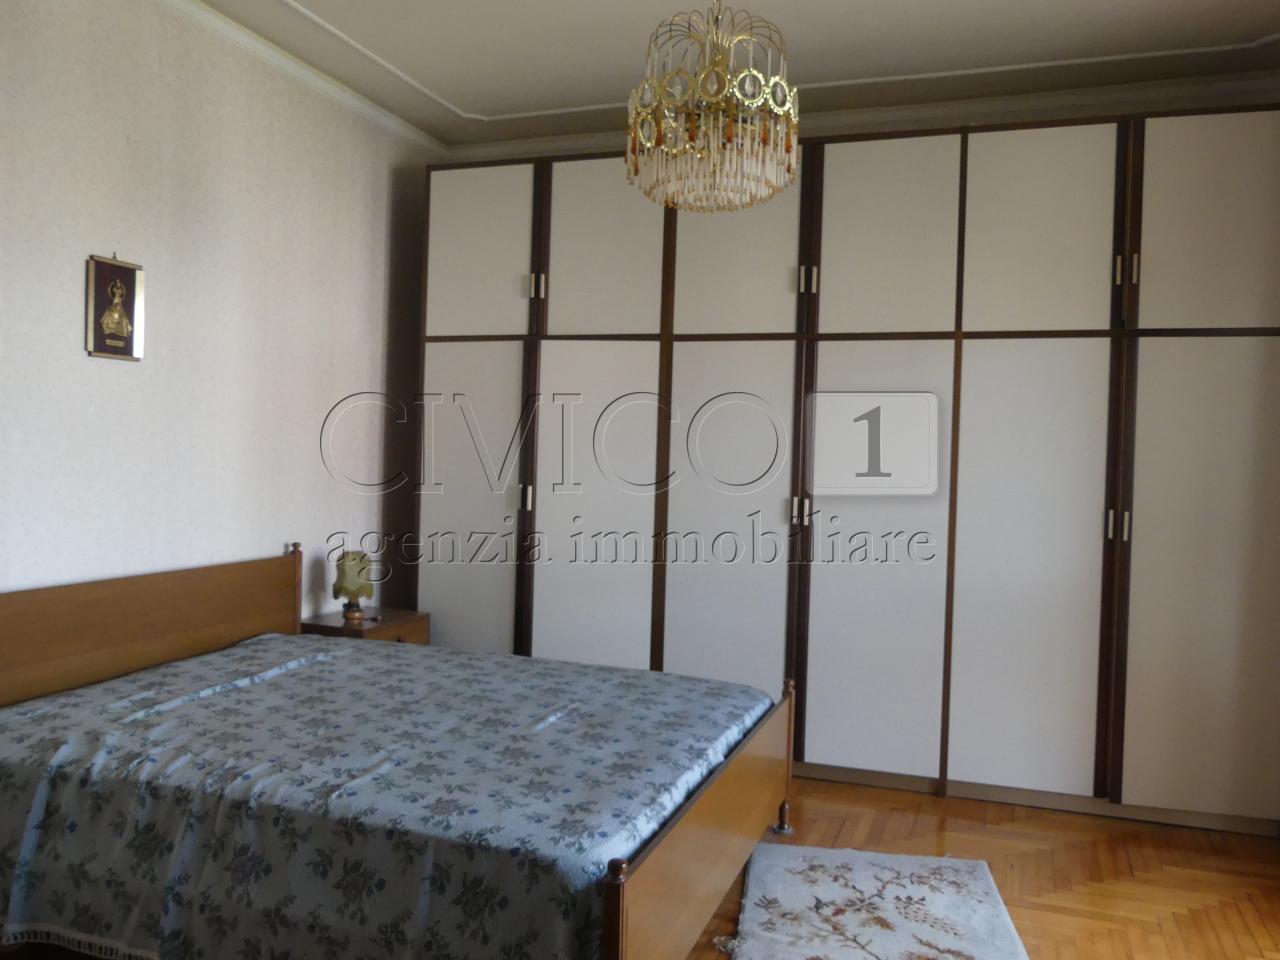 Appartamento in vendita a Abano Terme (PD)